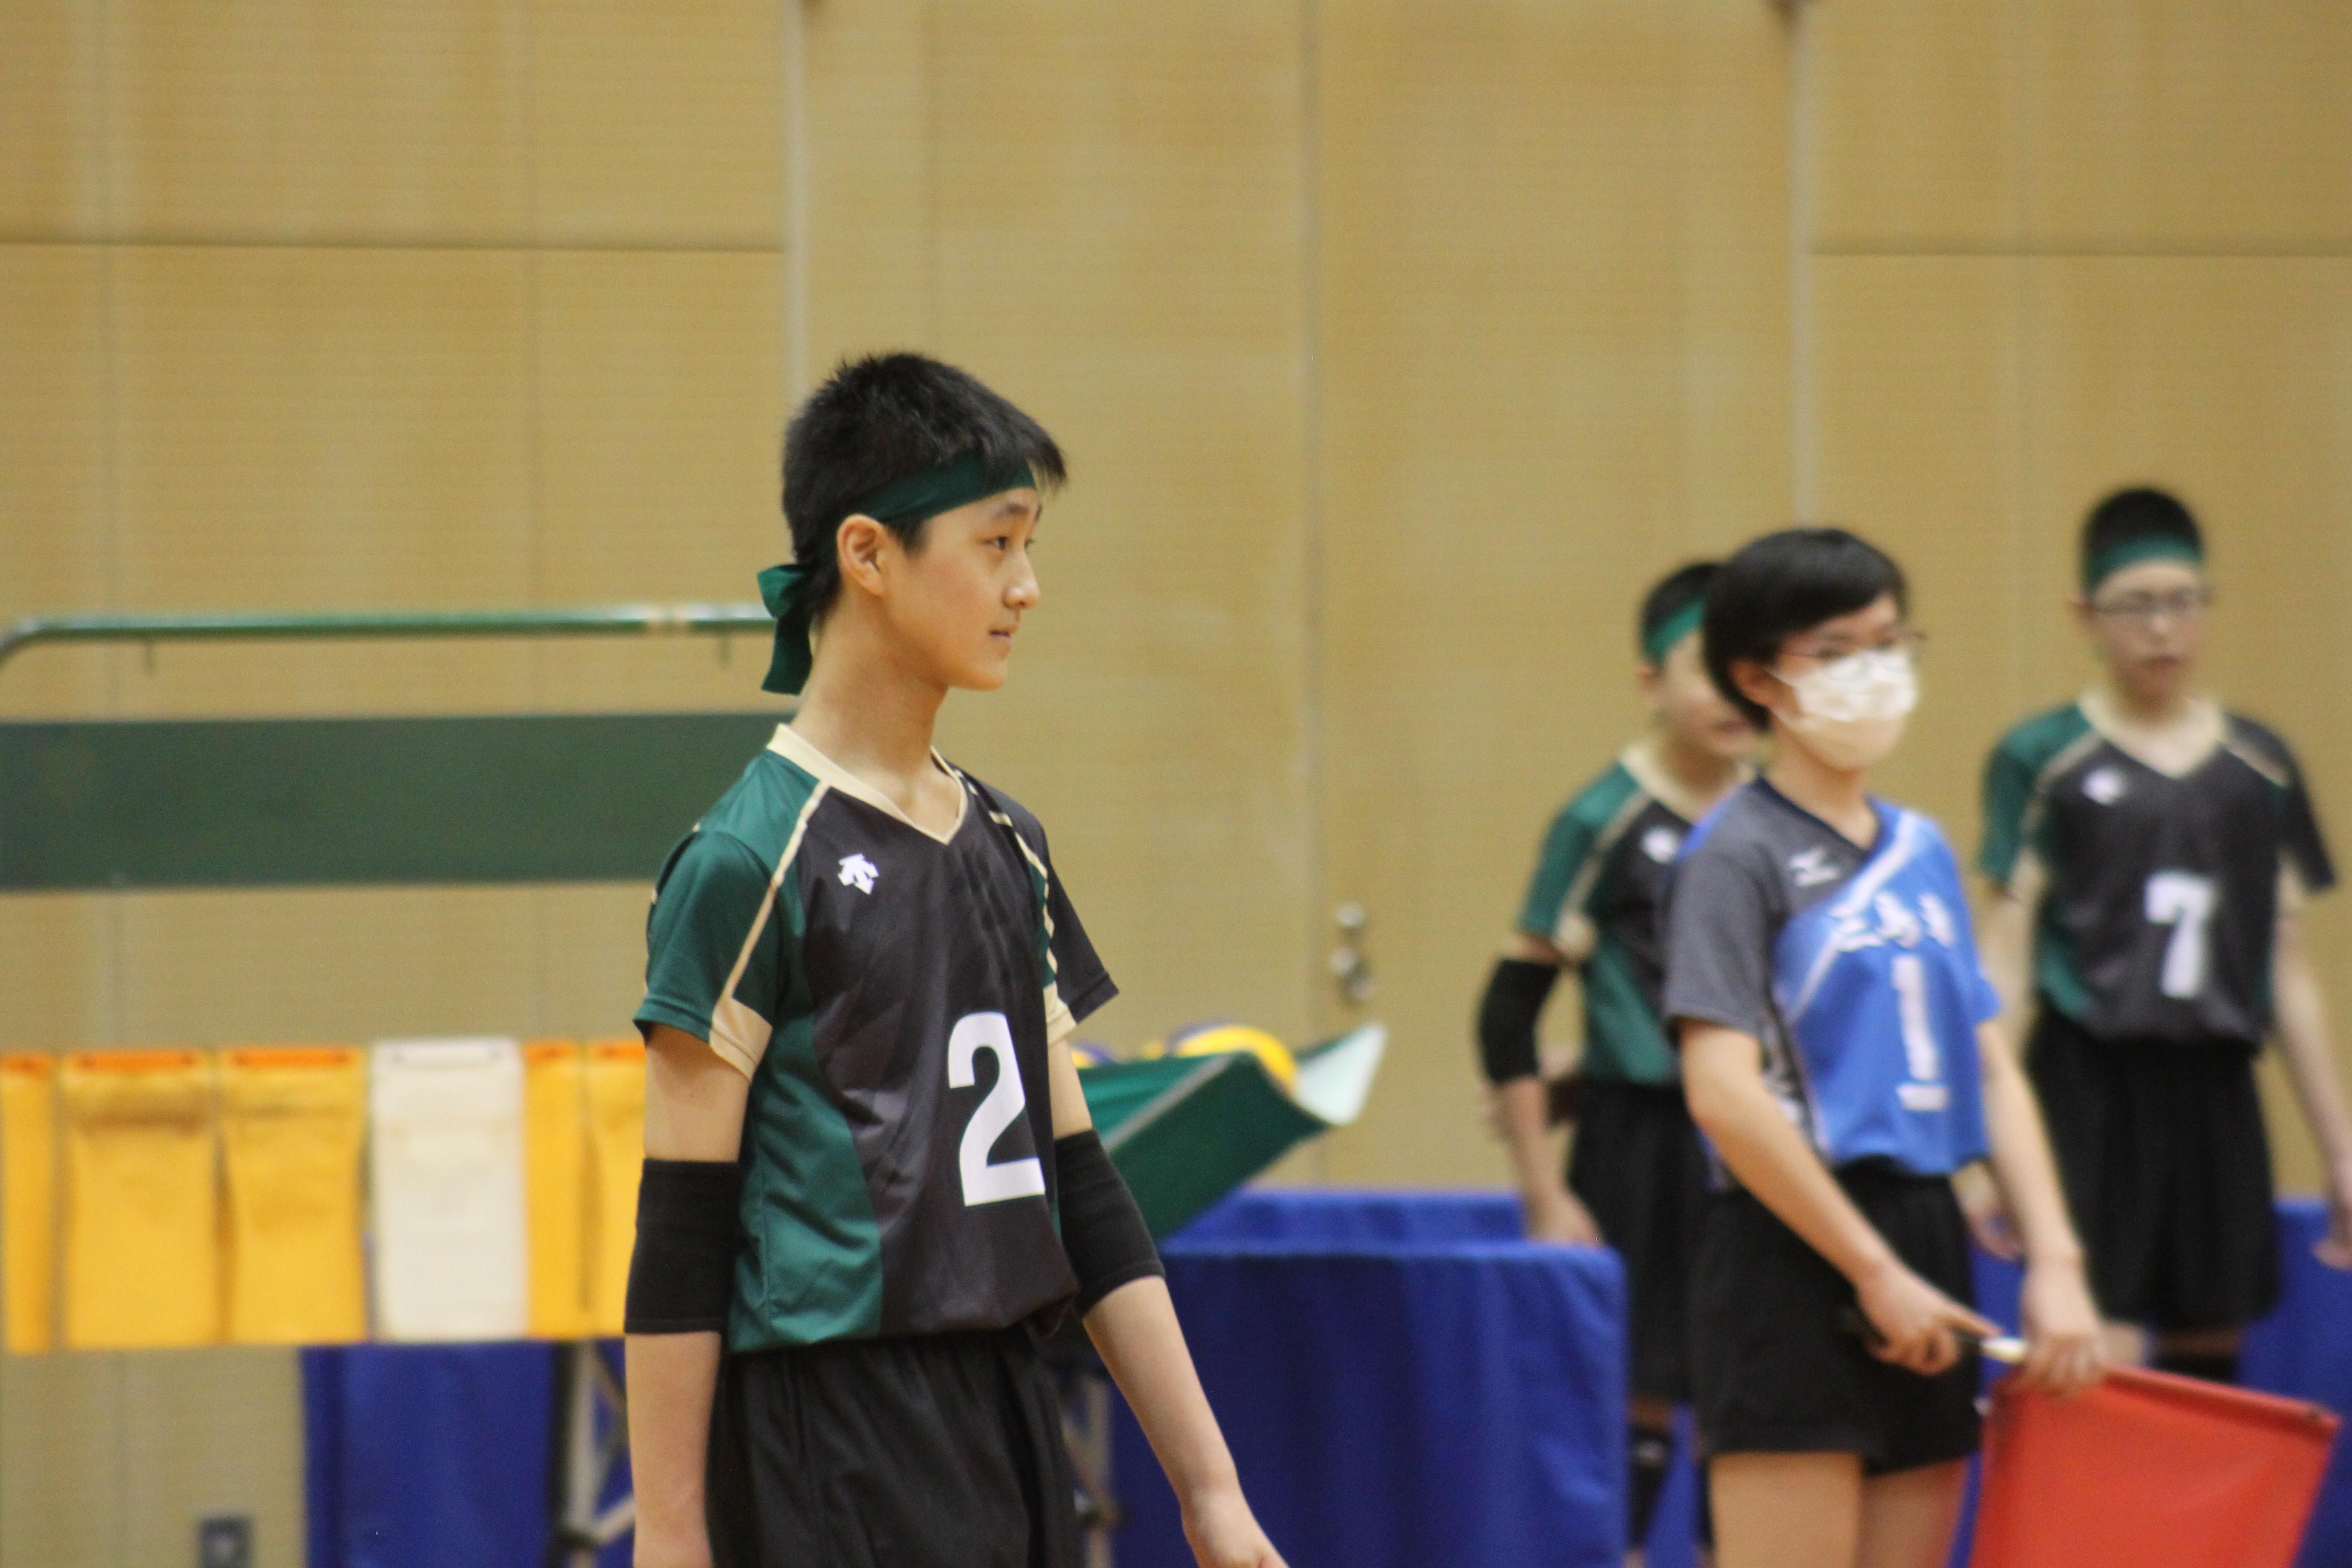 バレーボール (2)